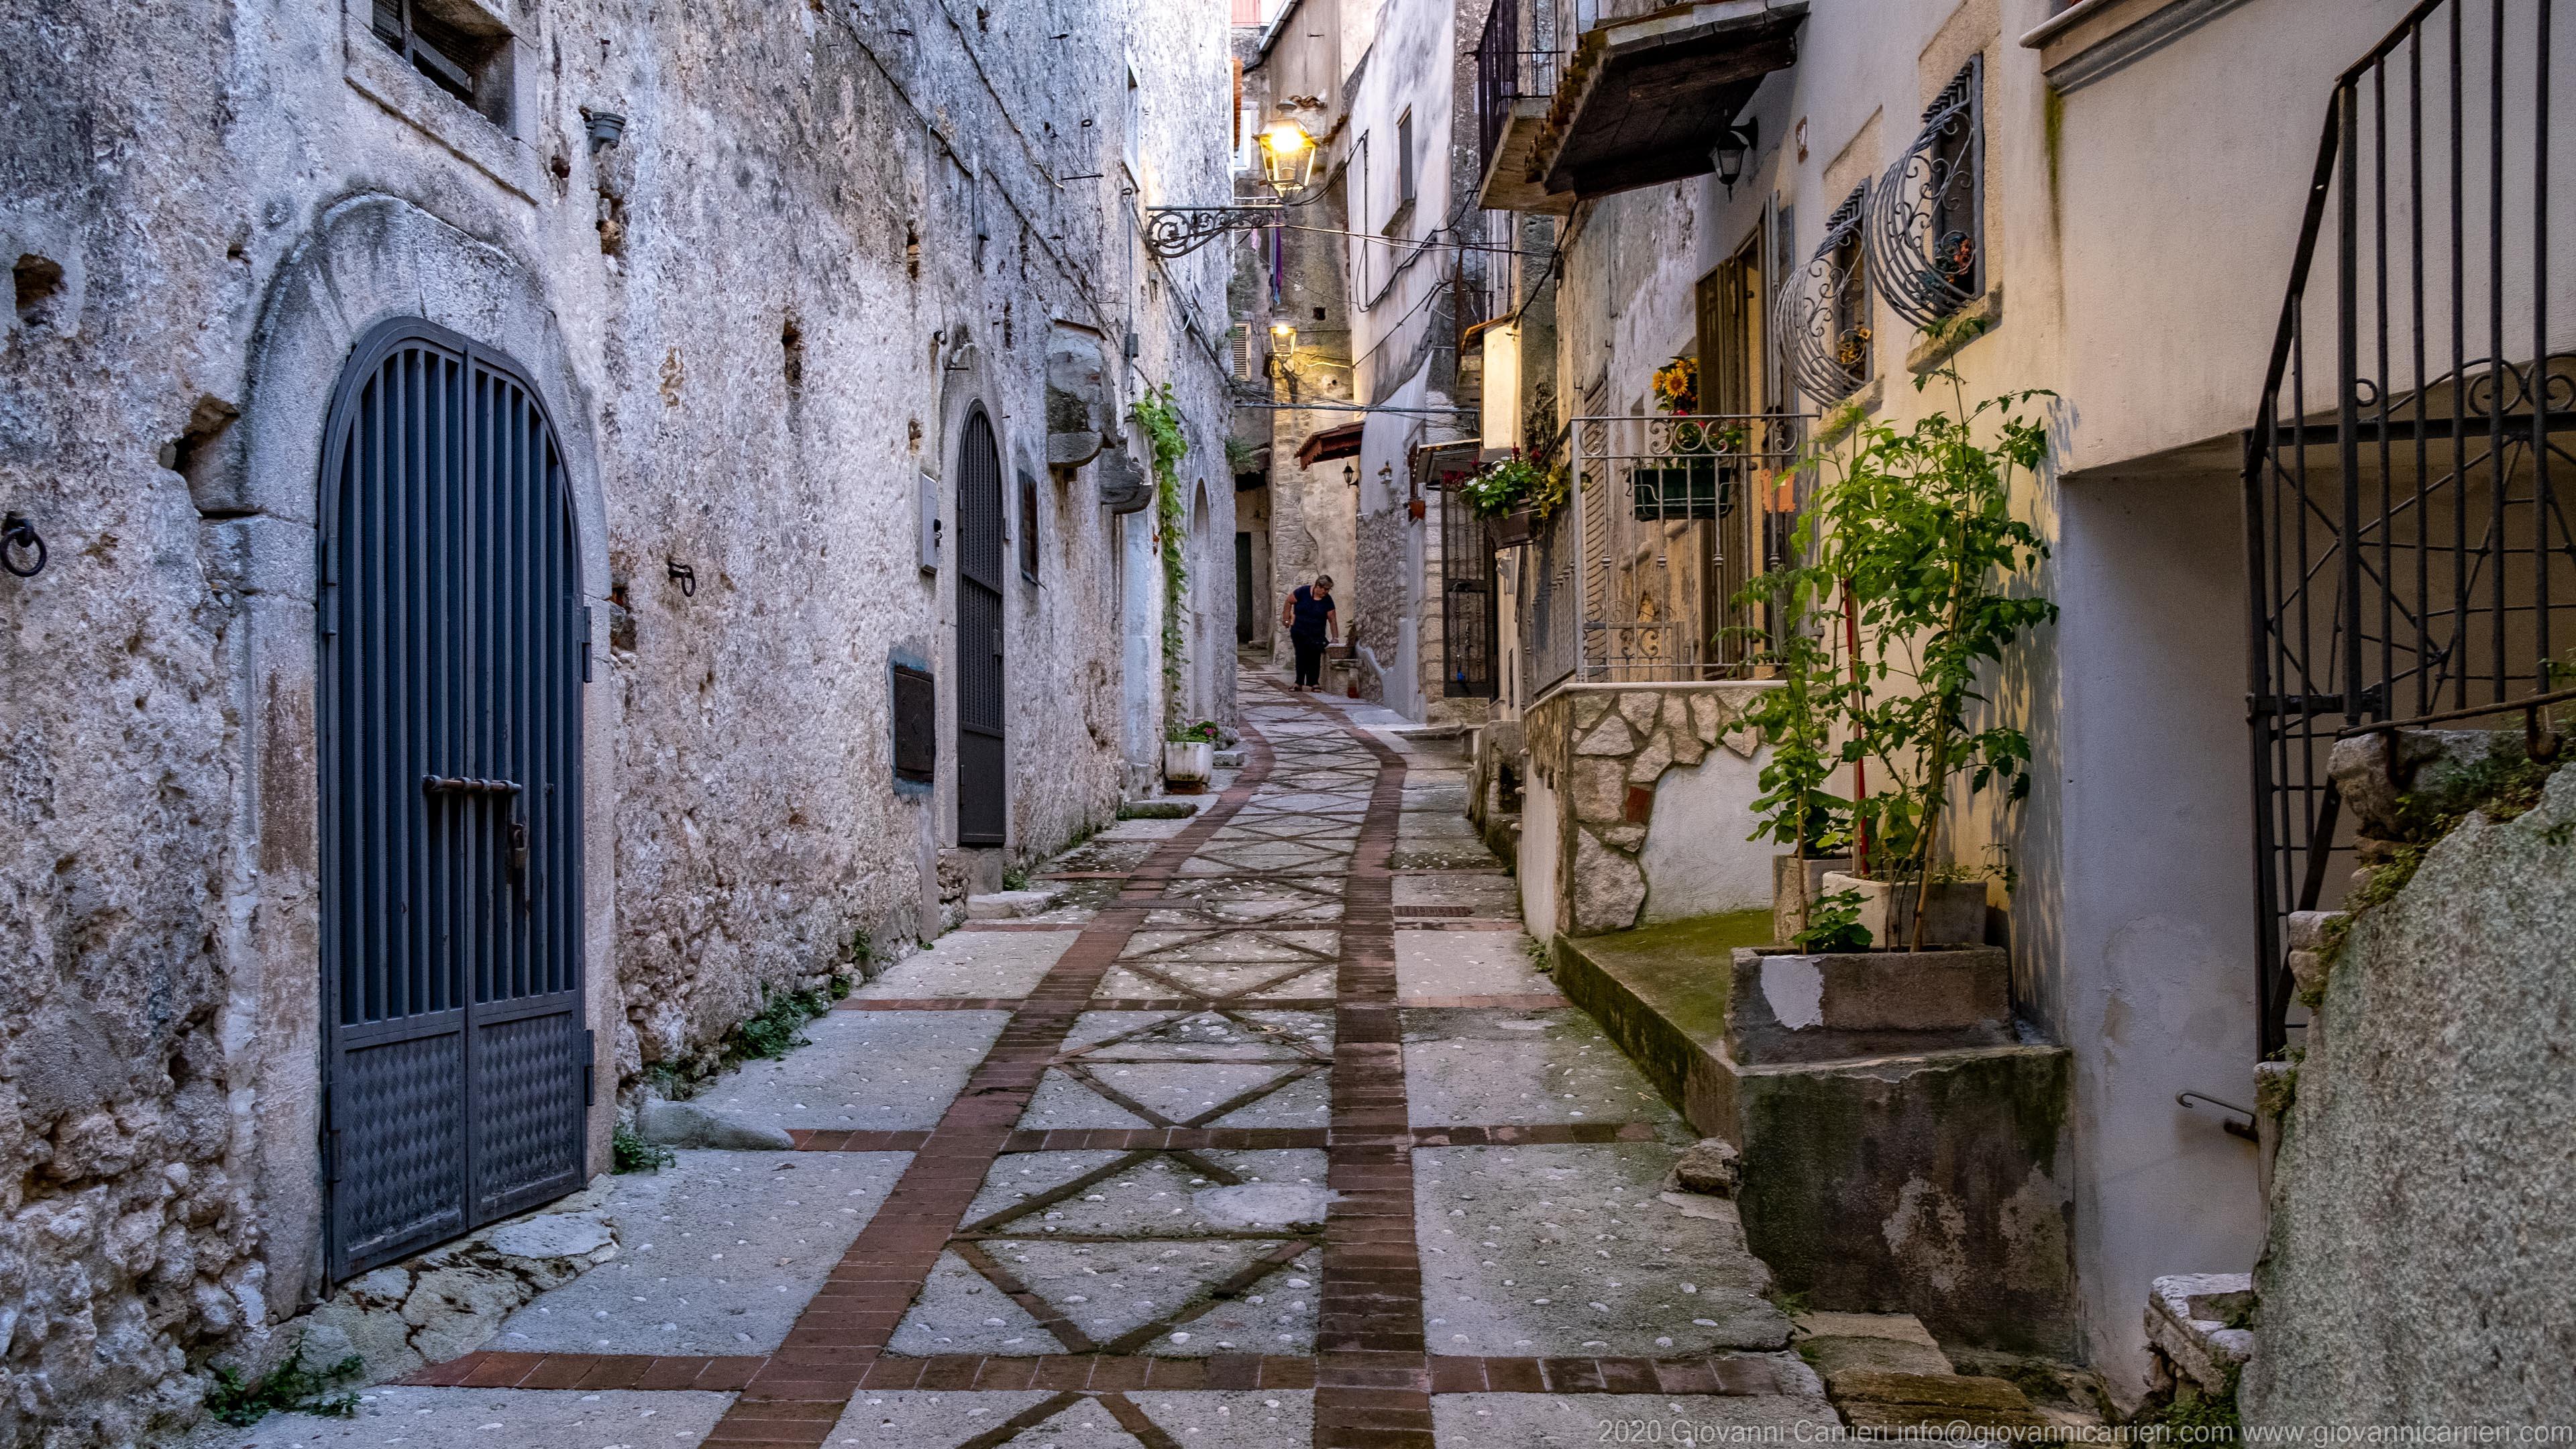 Le stradine del centro storico